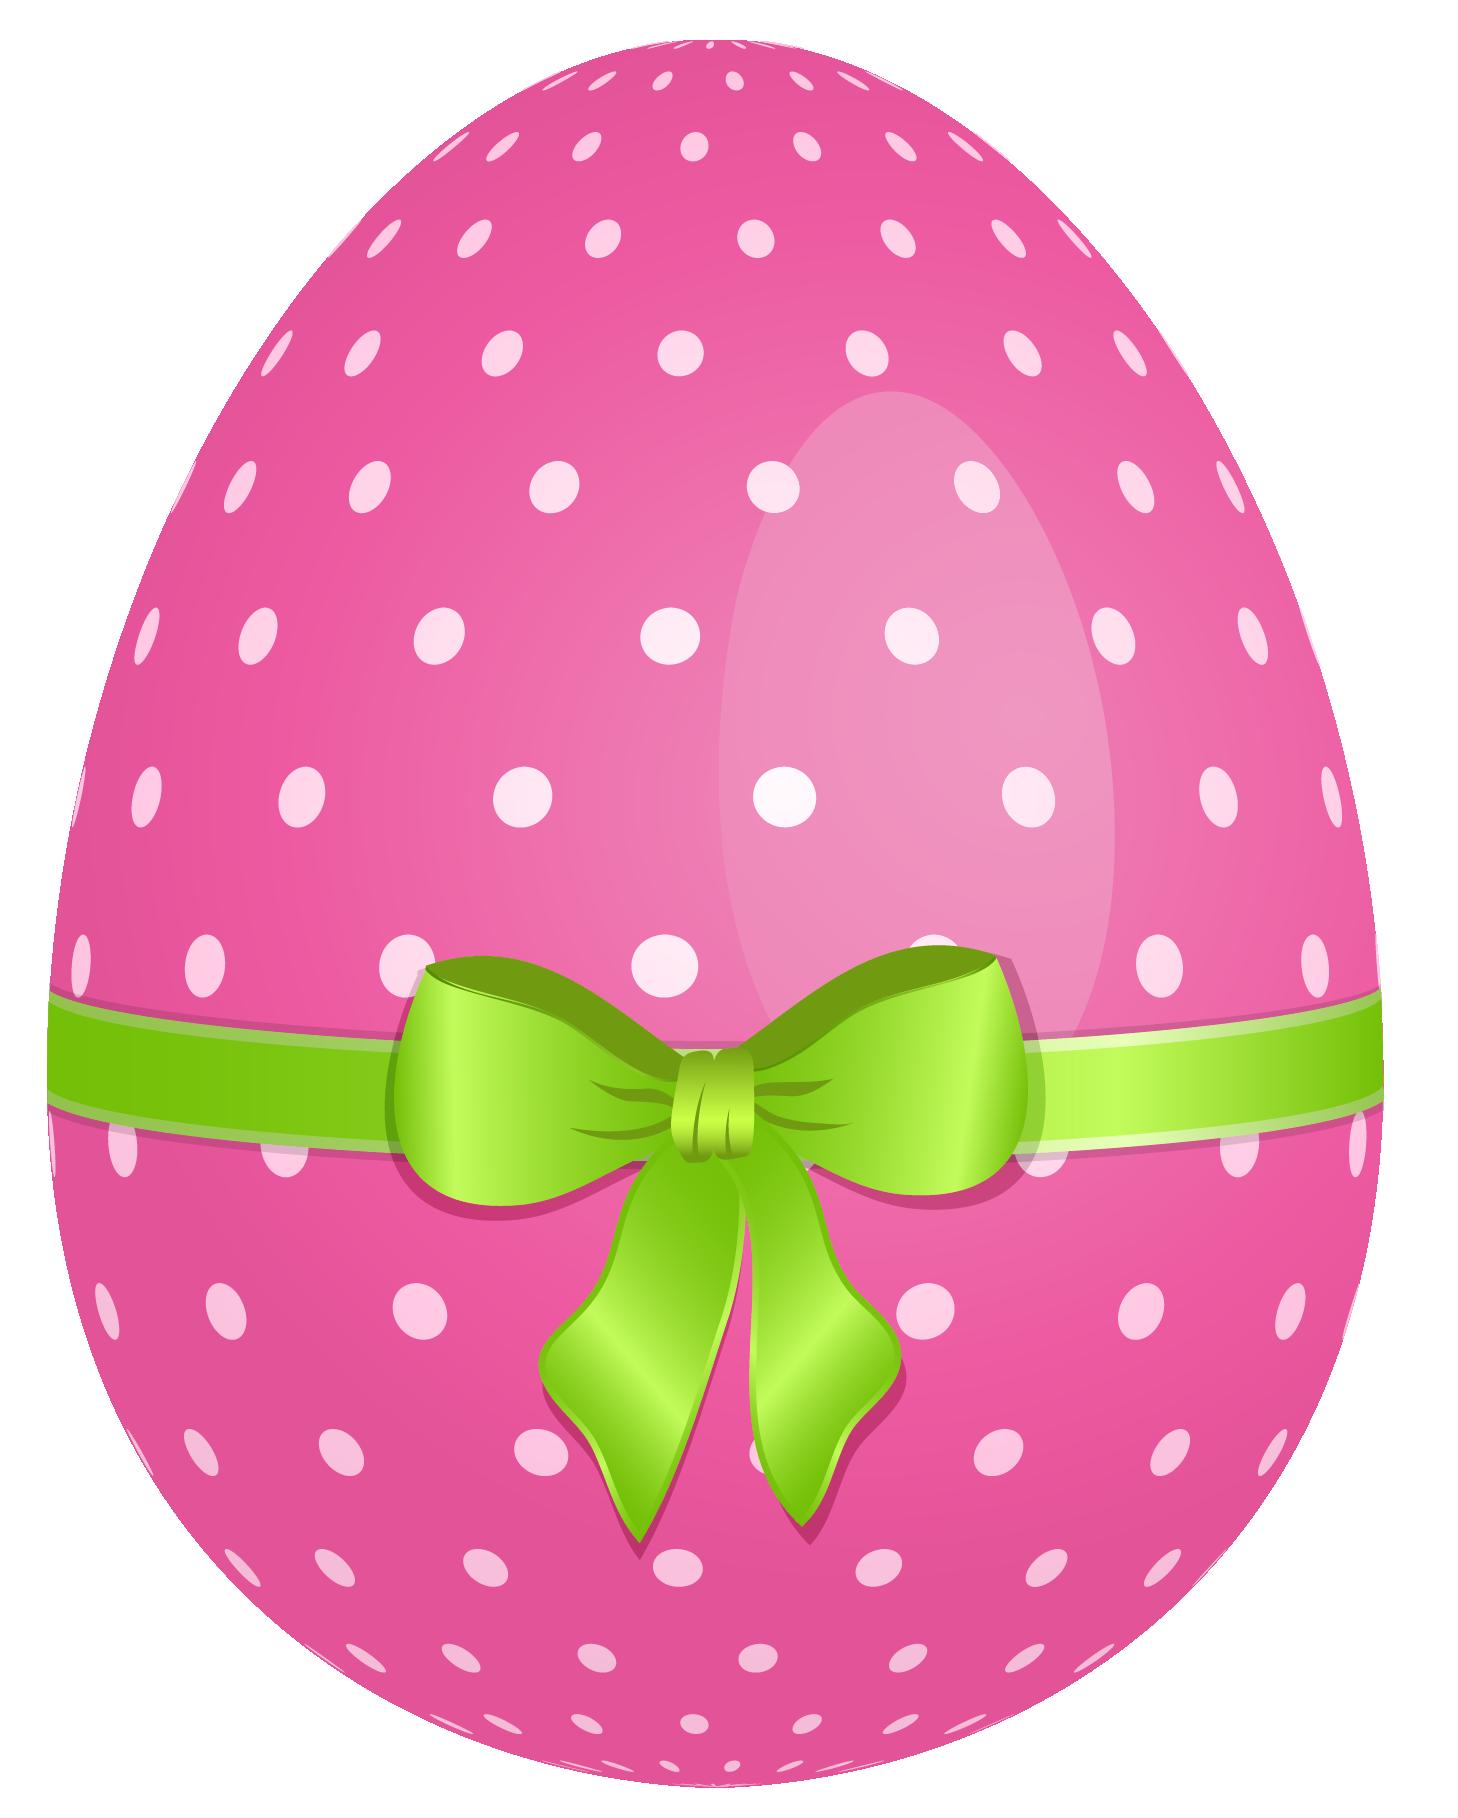 Free easter egg clip art image